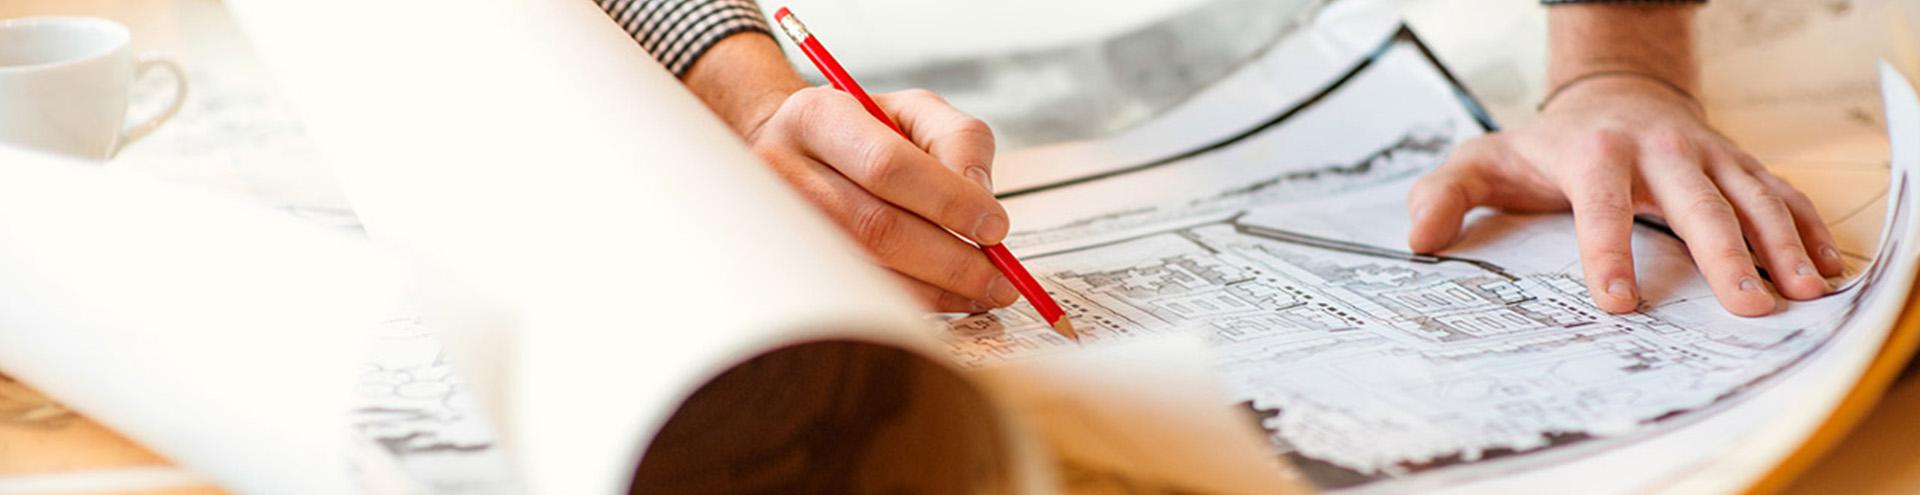 установление сервитута для юридических лиц в Чебоксарах